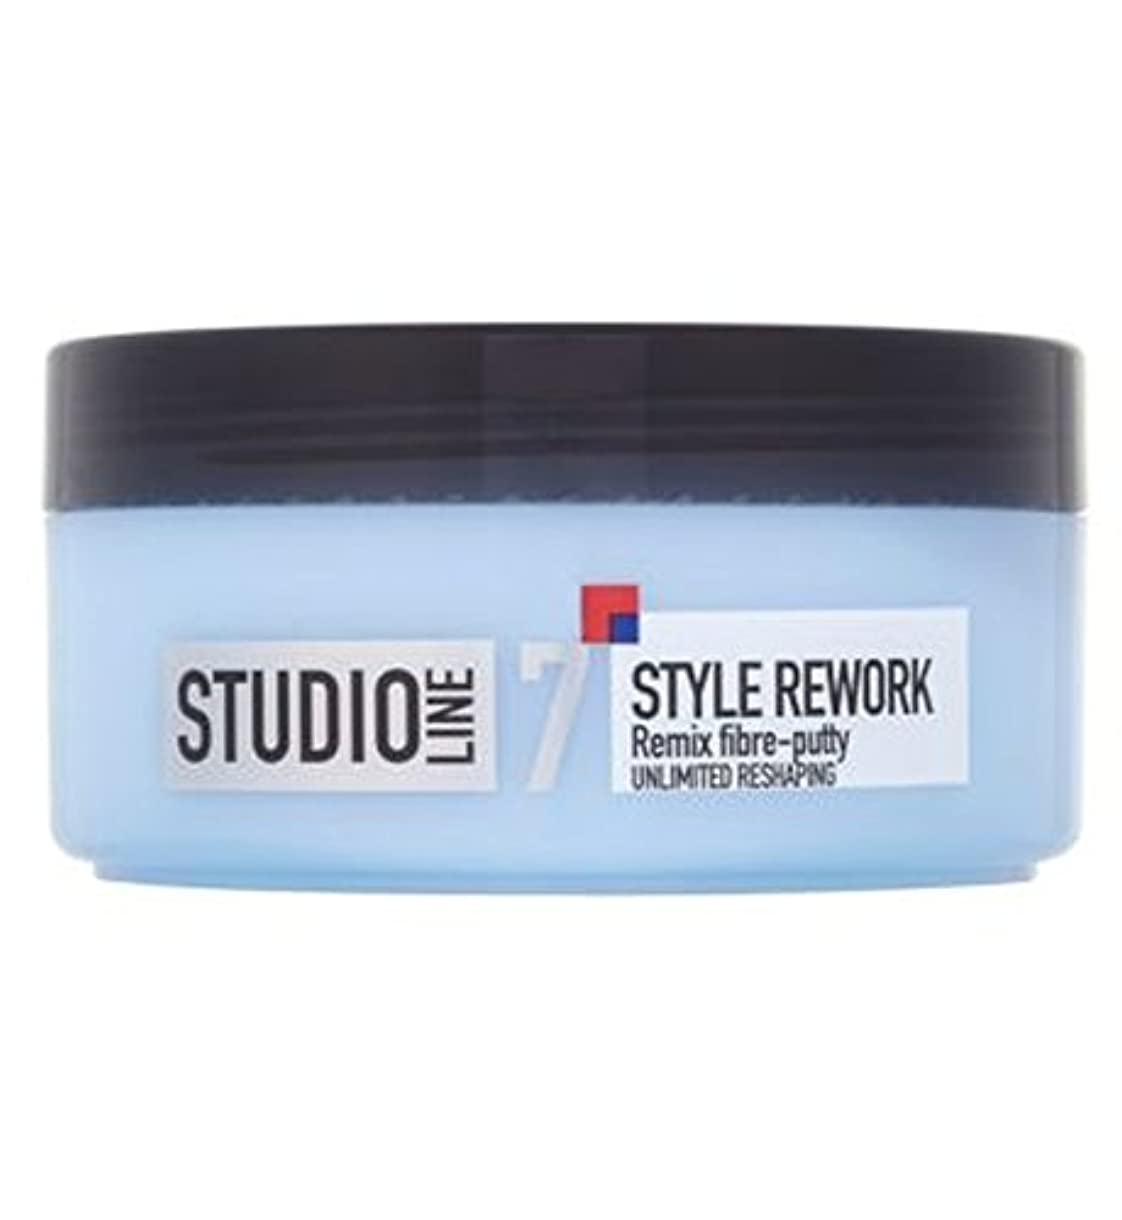 ガイドインシデント危険L'Oreall Studio Line Style Rework Remix Fibre-Putty 150ml - L'Oreallスタジオラインスタイルリワークリミックス繊維パテ150ミリリットル (L'Oreal...